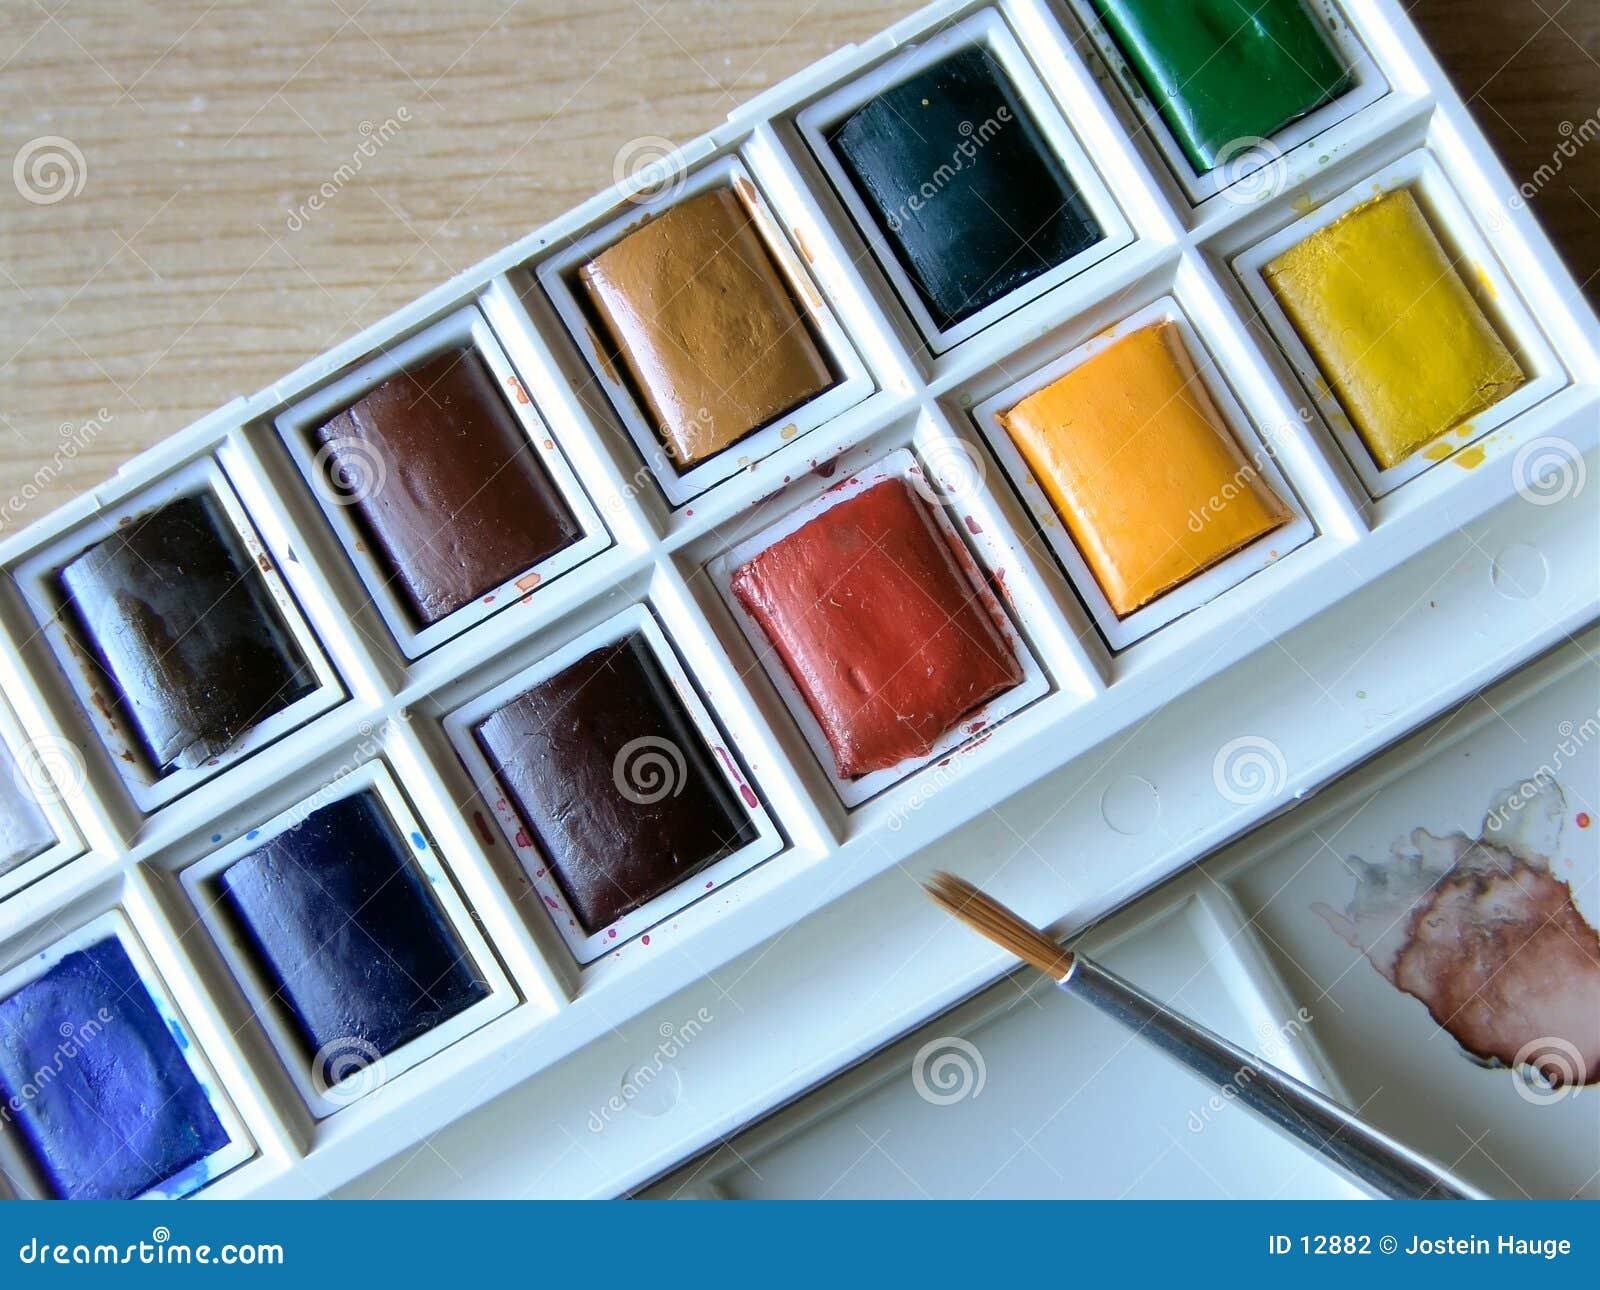 Pinte box2